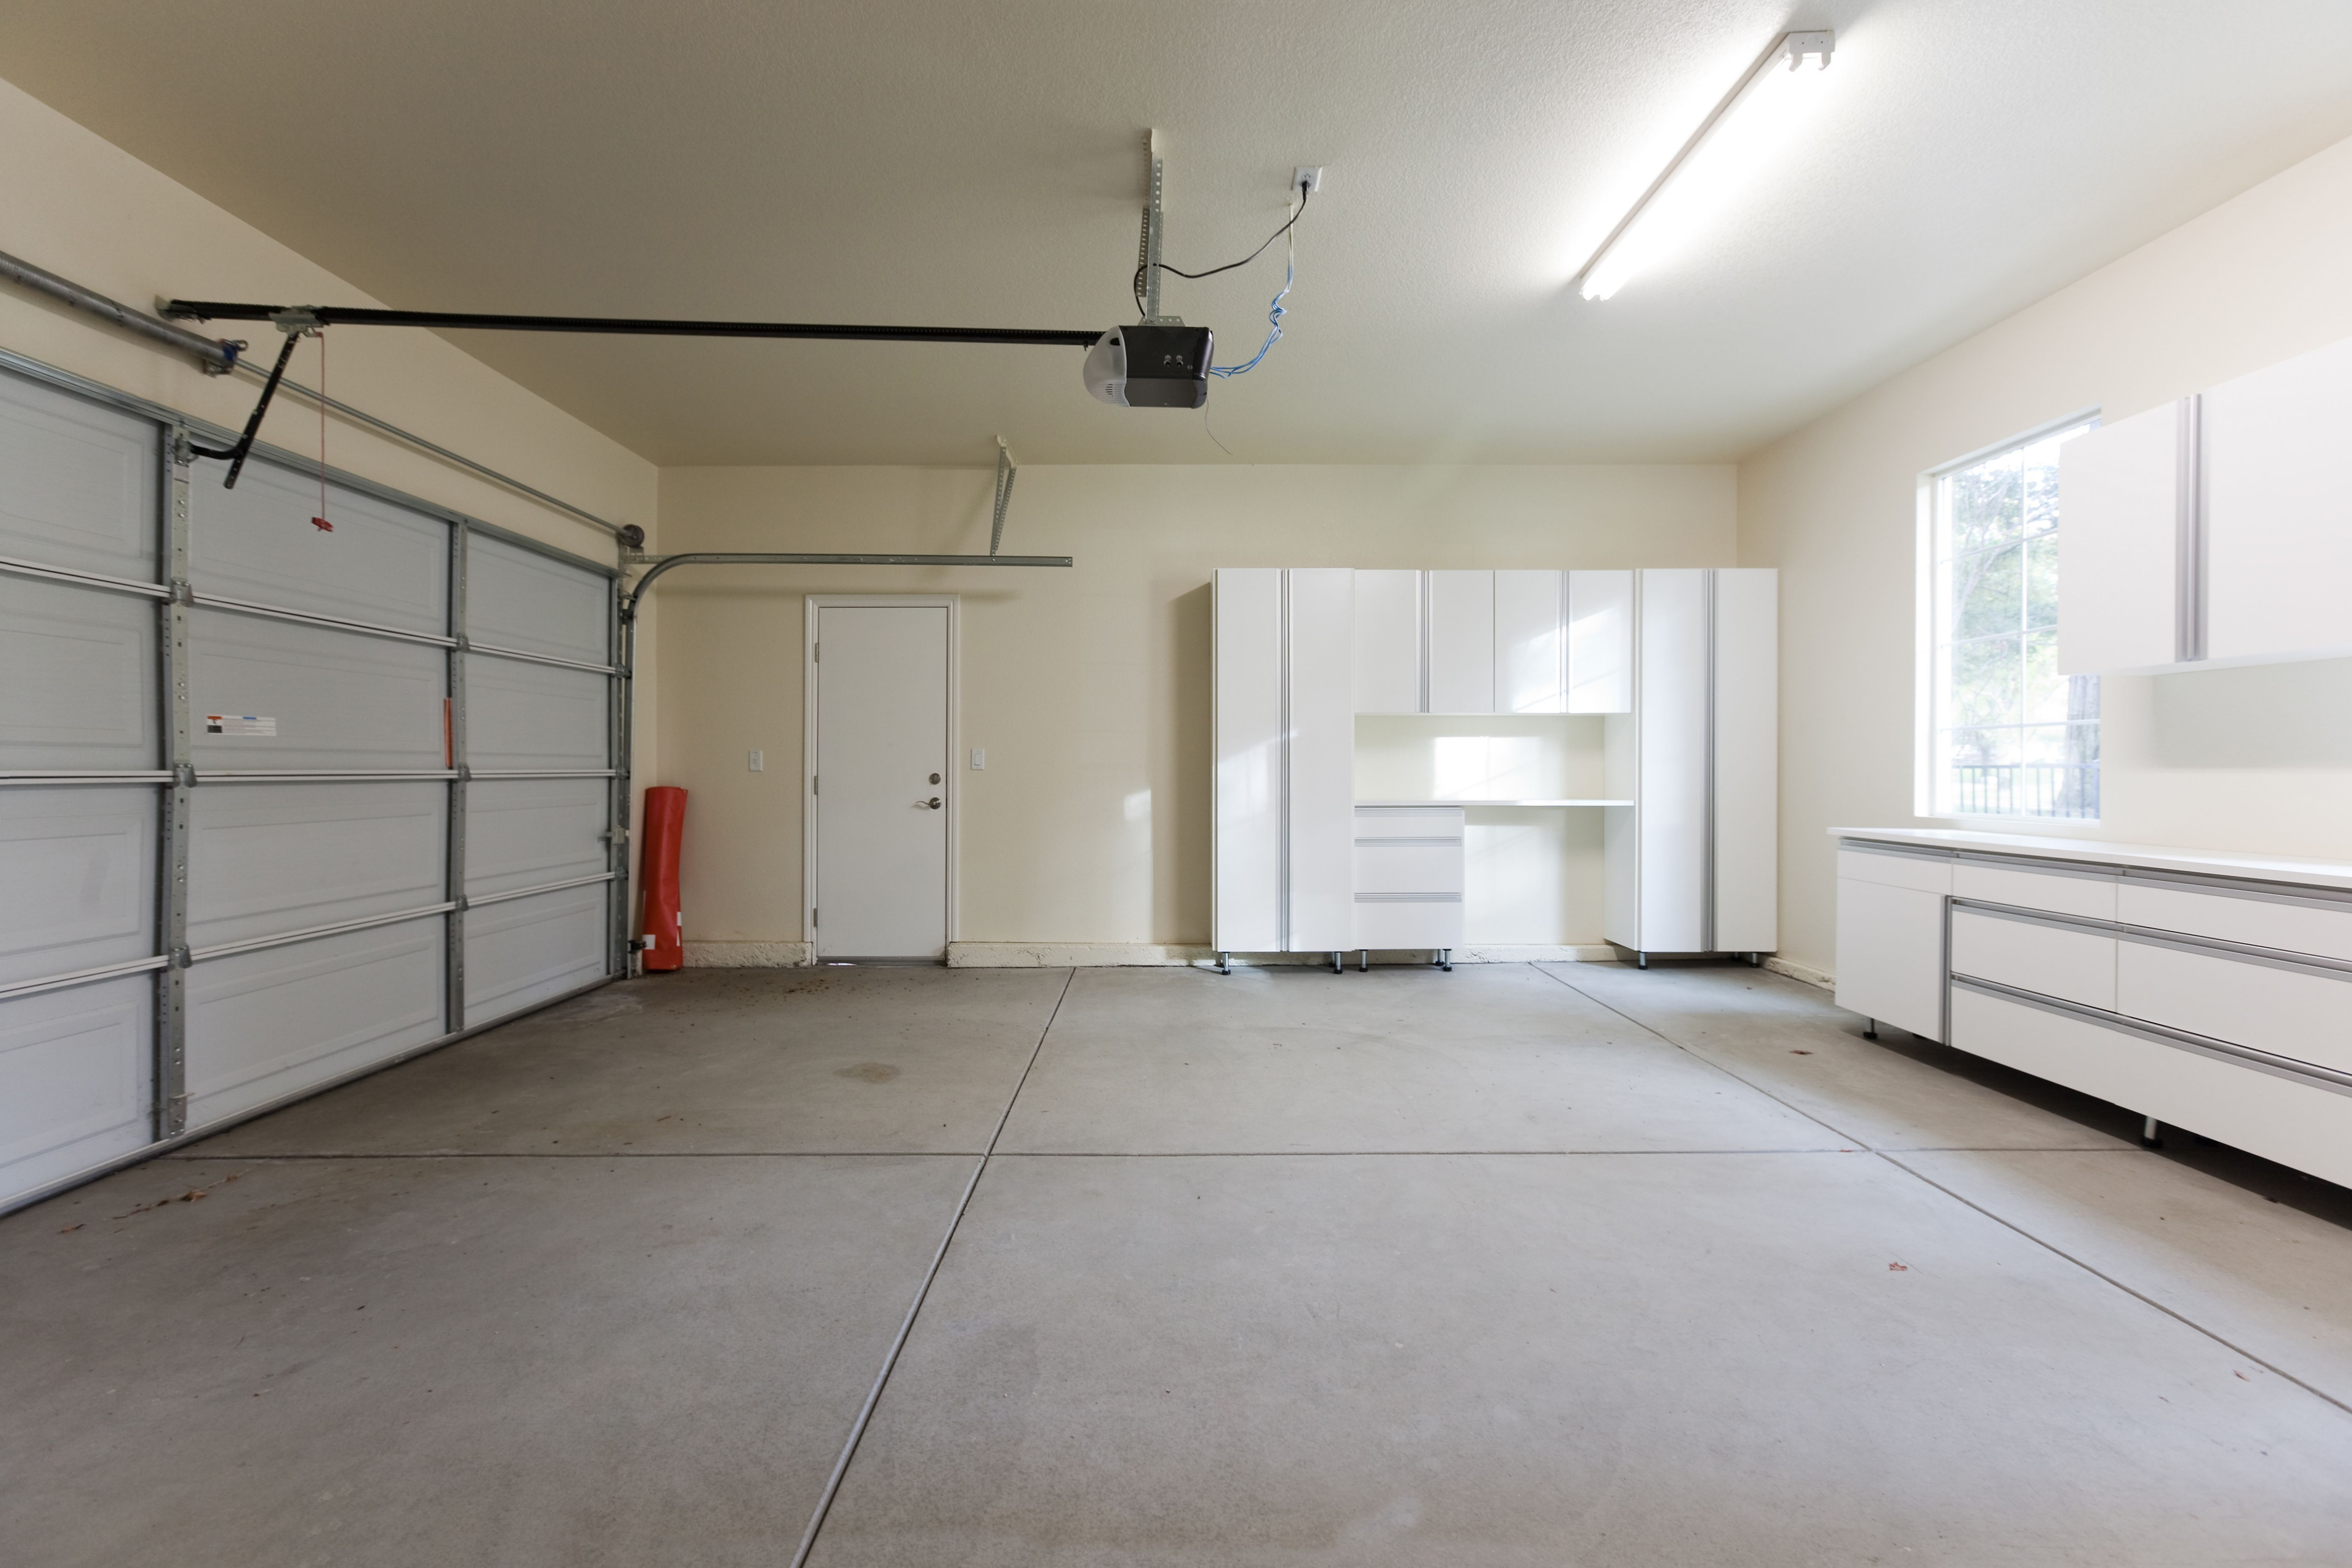 Cool Garage Interiors Garage Wall Color Ideas Hot Rod Metal Wall Art Garage Beleuchtung Garagenbeleuchtung Garagen Renovieren